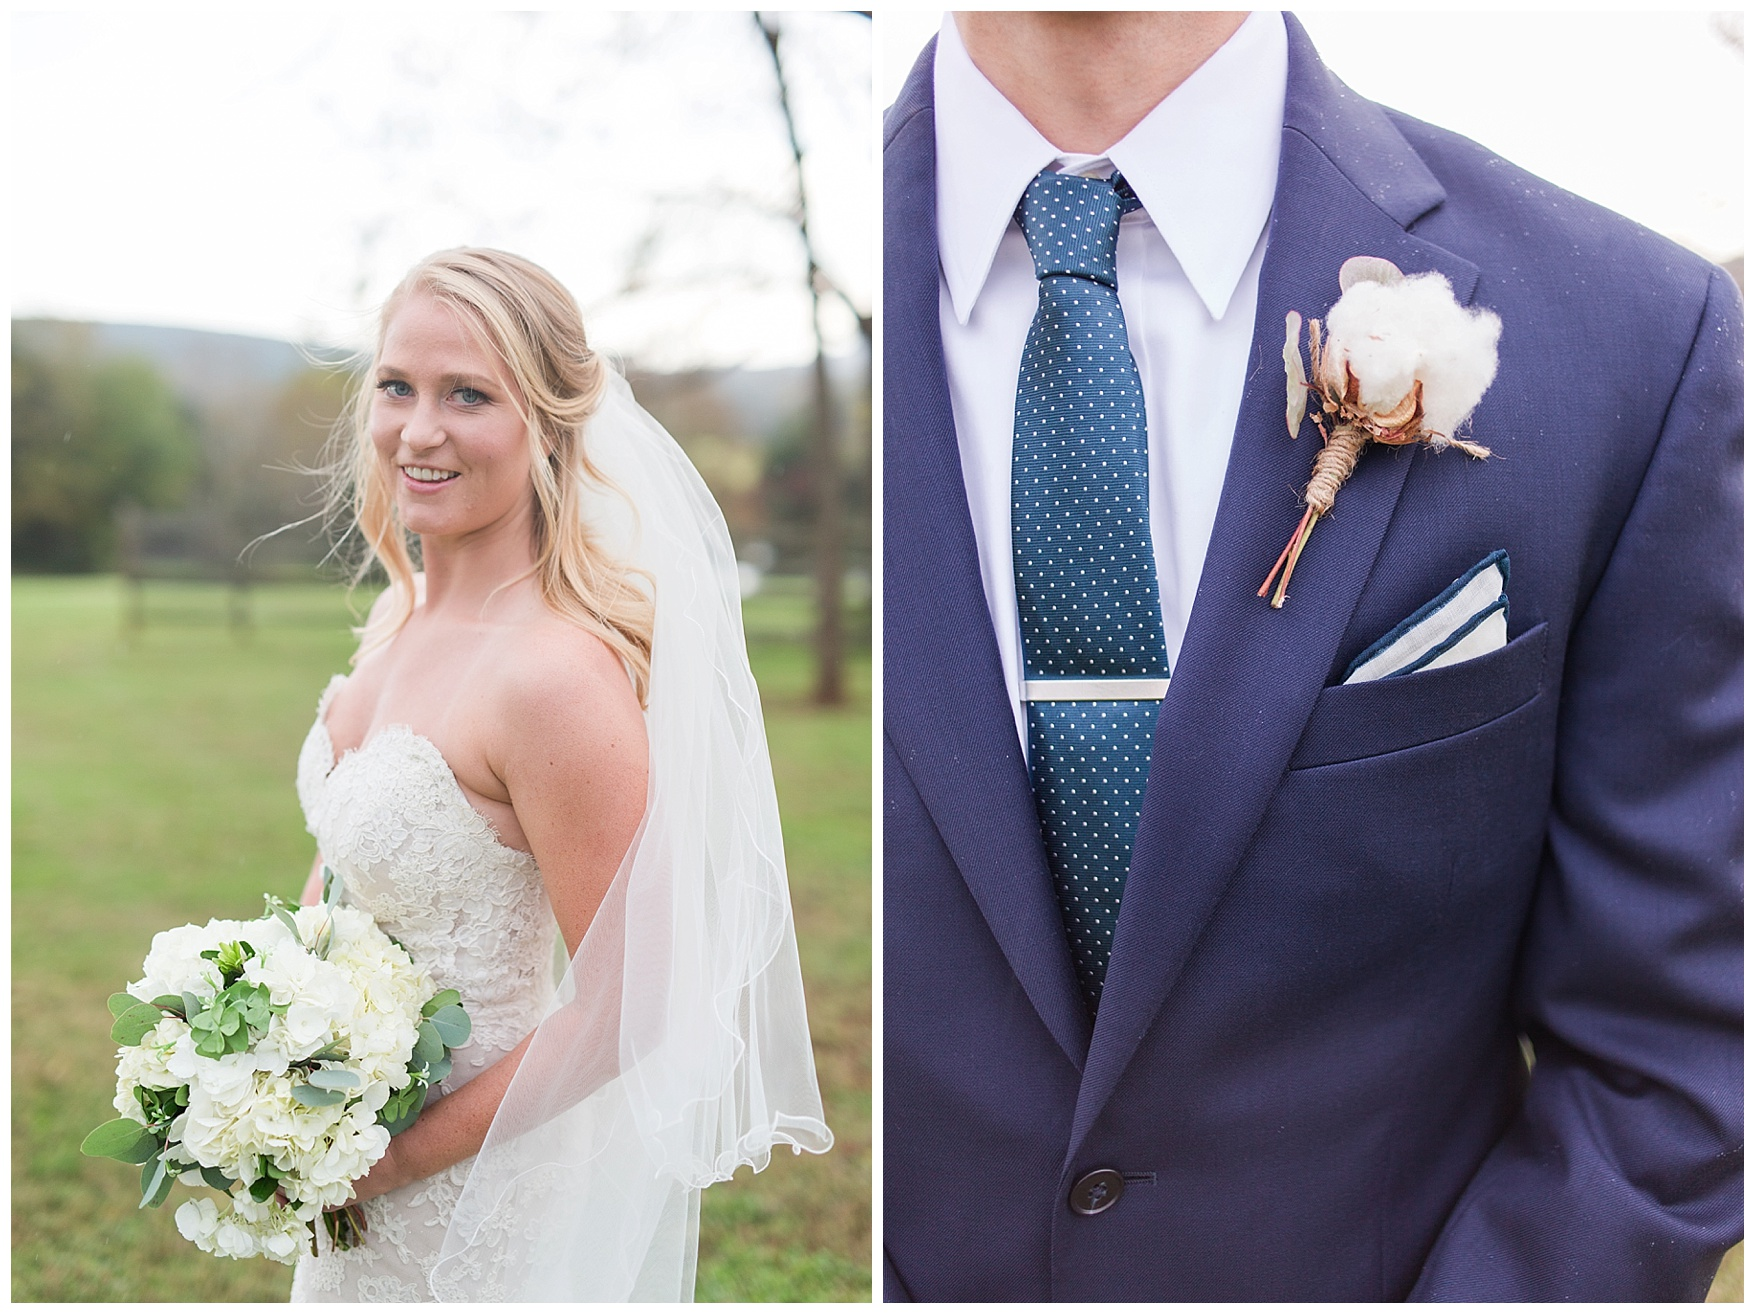 Sorella Farms Wedding in Lynchburg, VA || Sorella Farm Wedding in Evington, VA || Charlottesville VA Wedding